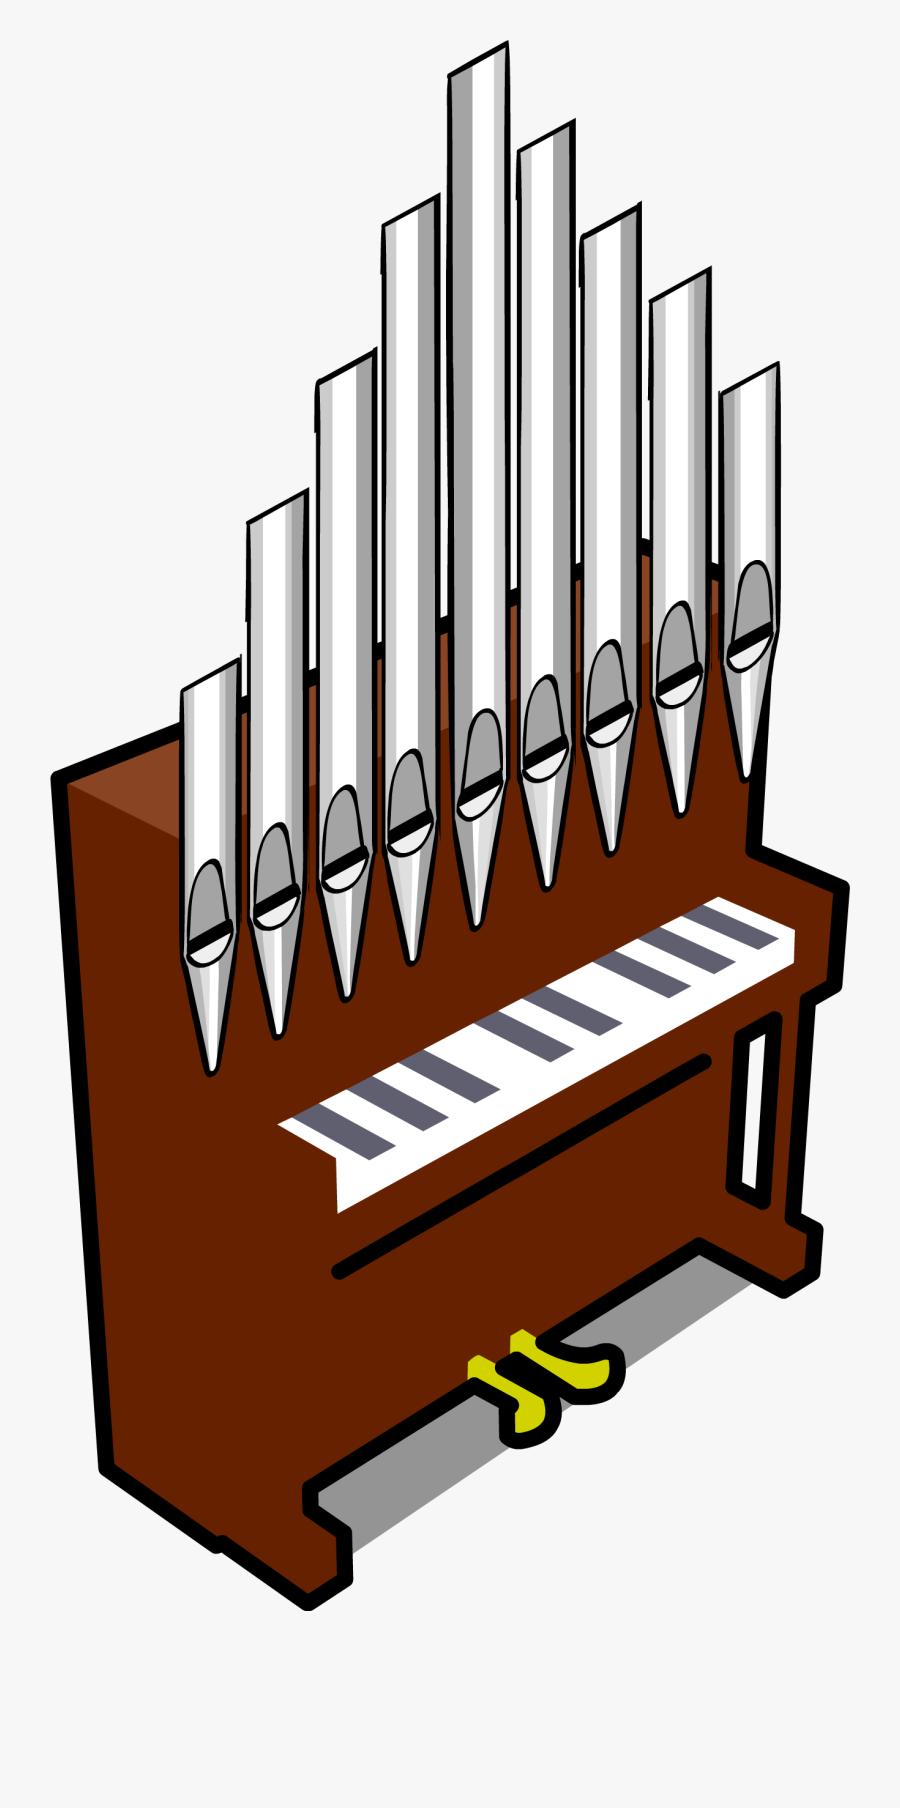 Clip Art Pipe Organ Clipart - Clip Art Upright Piano, Transparent Clipart